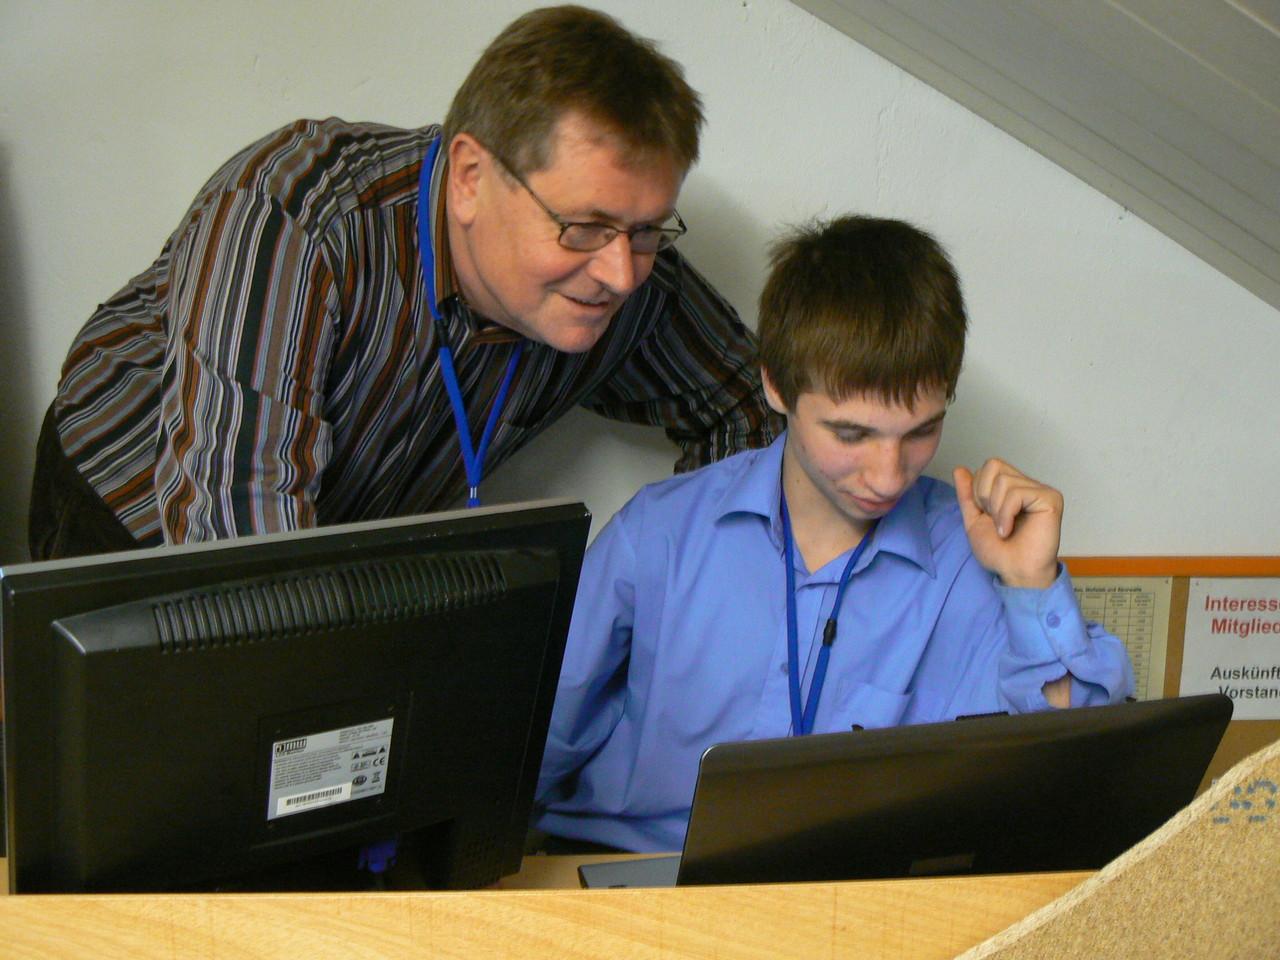 Peter Peterlin ist beeindruckt von der Jugendarbeit beim MEC-Eggenfelden